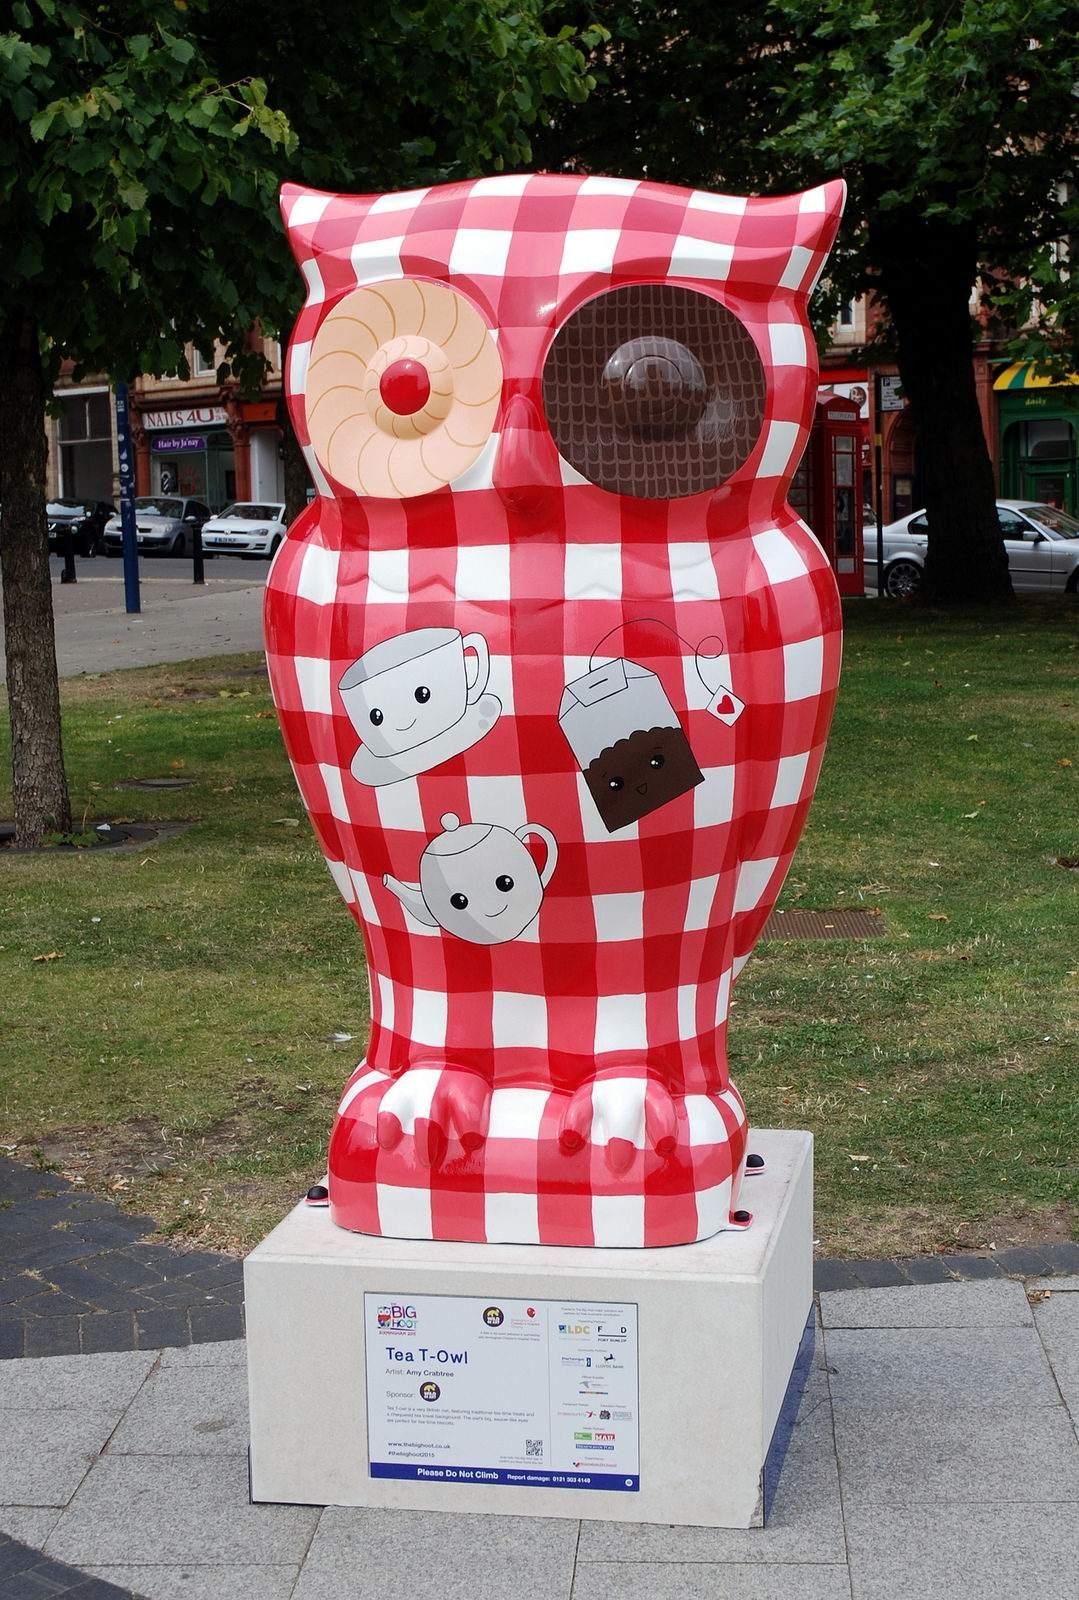 big hoot4 The 2015 Big Hoot Owls in Birmingham